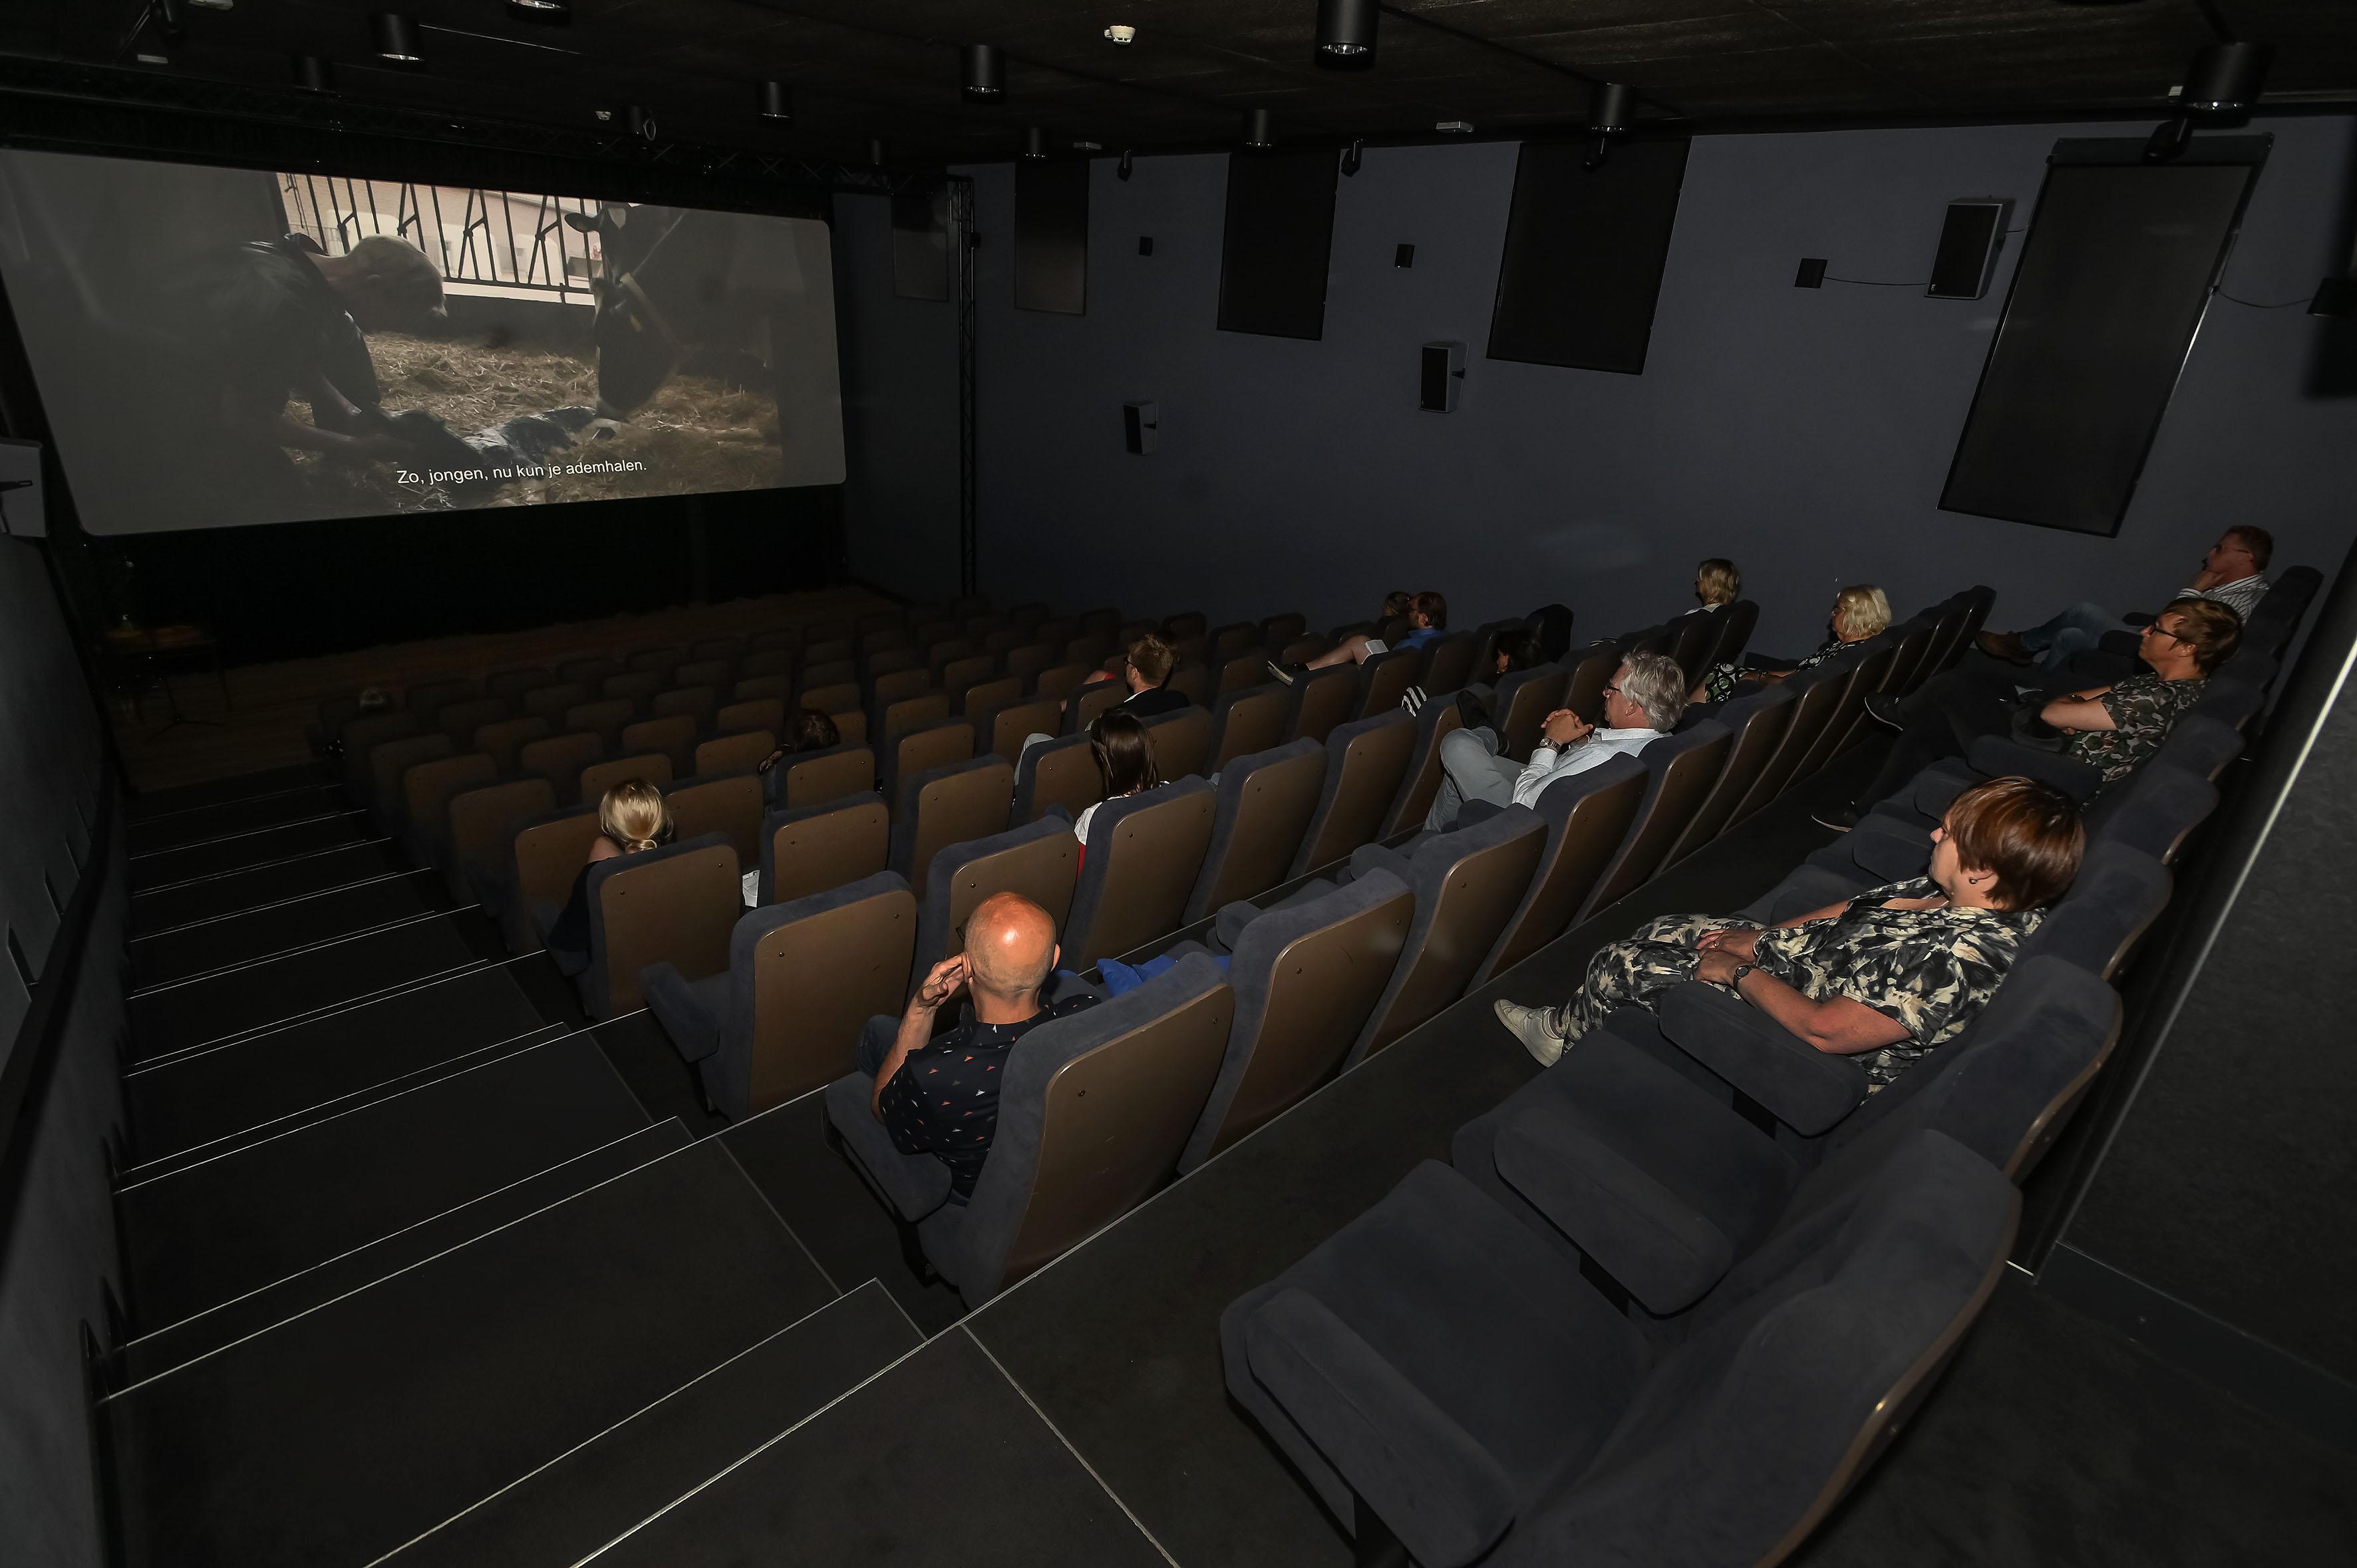 Directeur Cinema Oostereiland en Cinema Enkhuizen baalt vooral voor bezoeker van coronaregels: 'Film kreeg net weer de volle aandacht